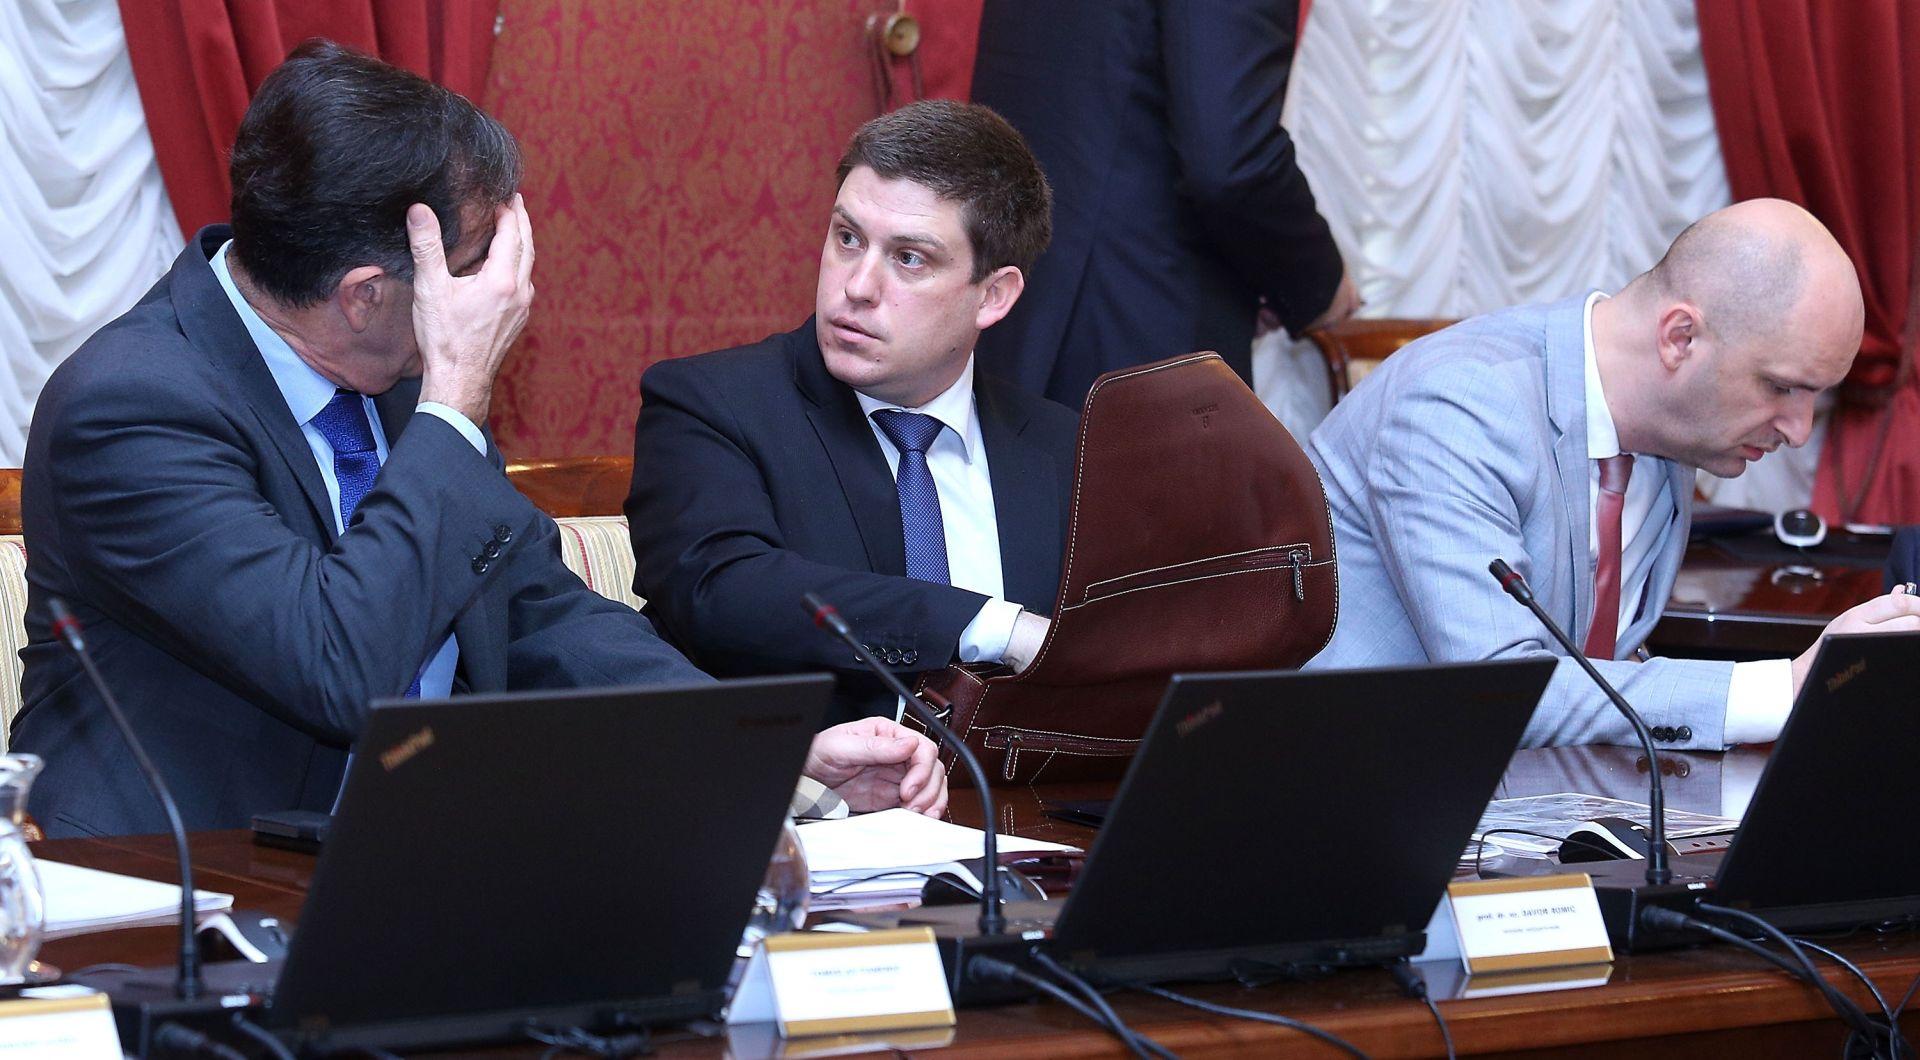 Butković: Danas donosim odluku o kreditnom zaduženju, a oni isplaćuju uskrsnice…